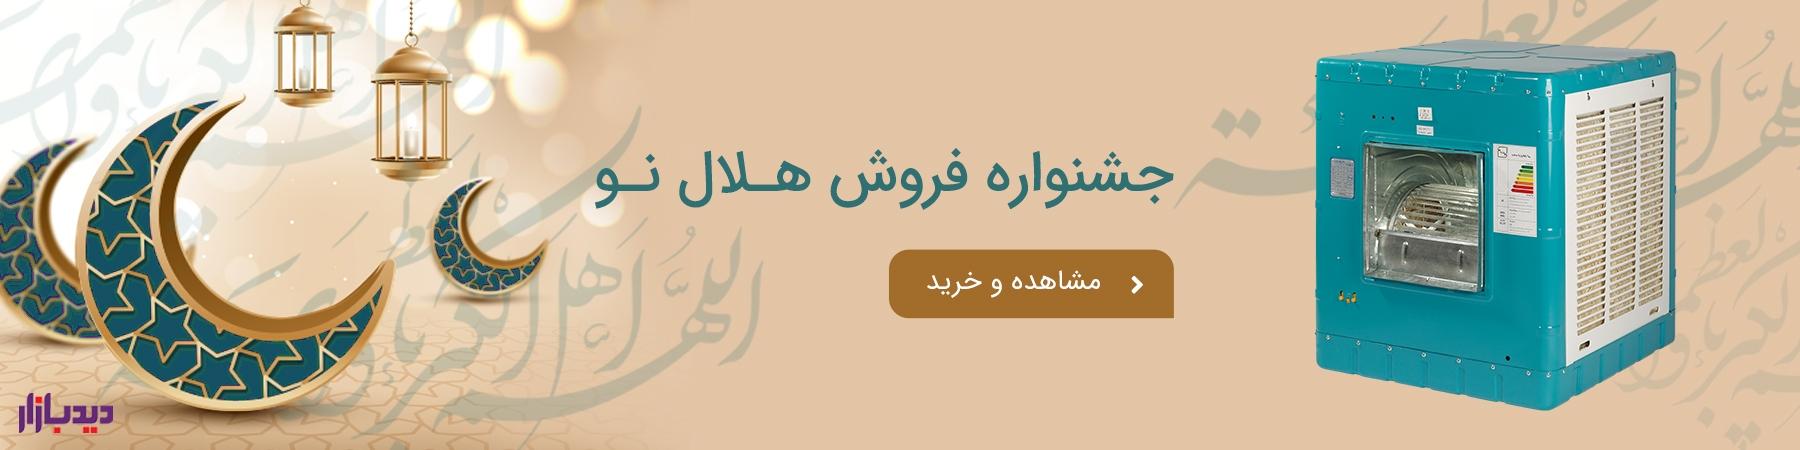 جشنواره فروش کولرهای آبی ویژه عید فطر